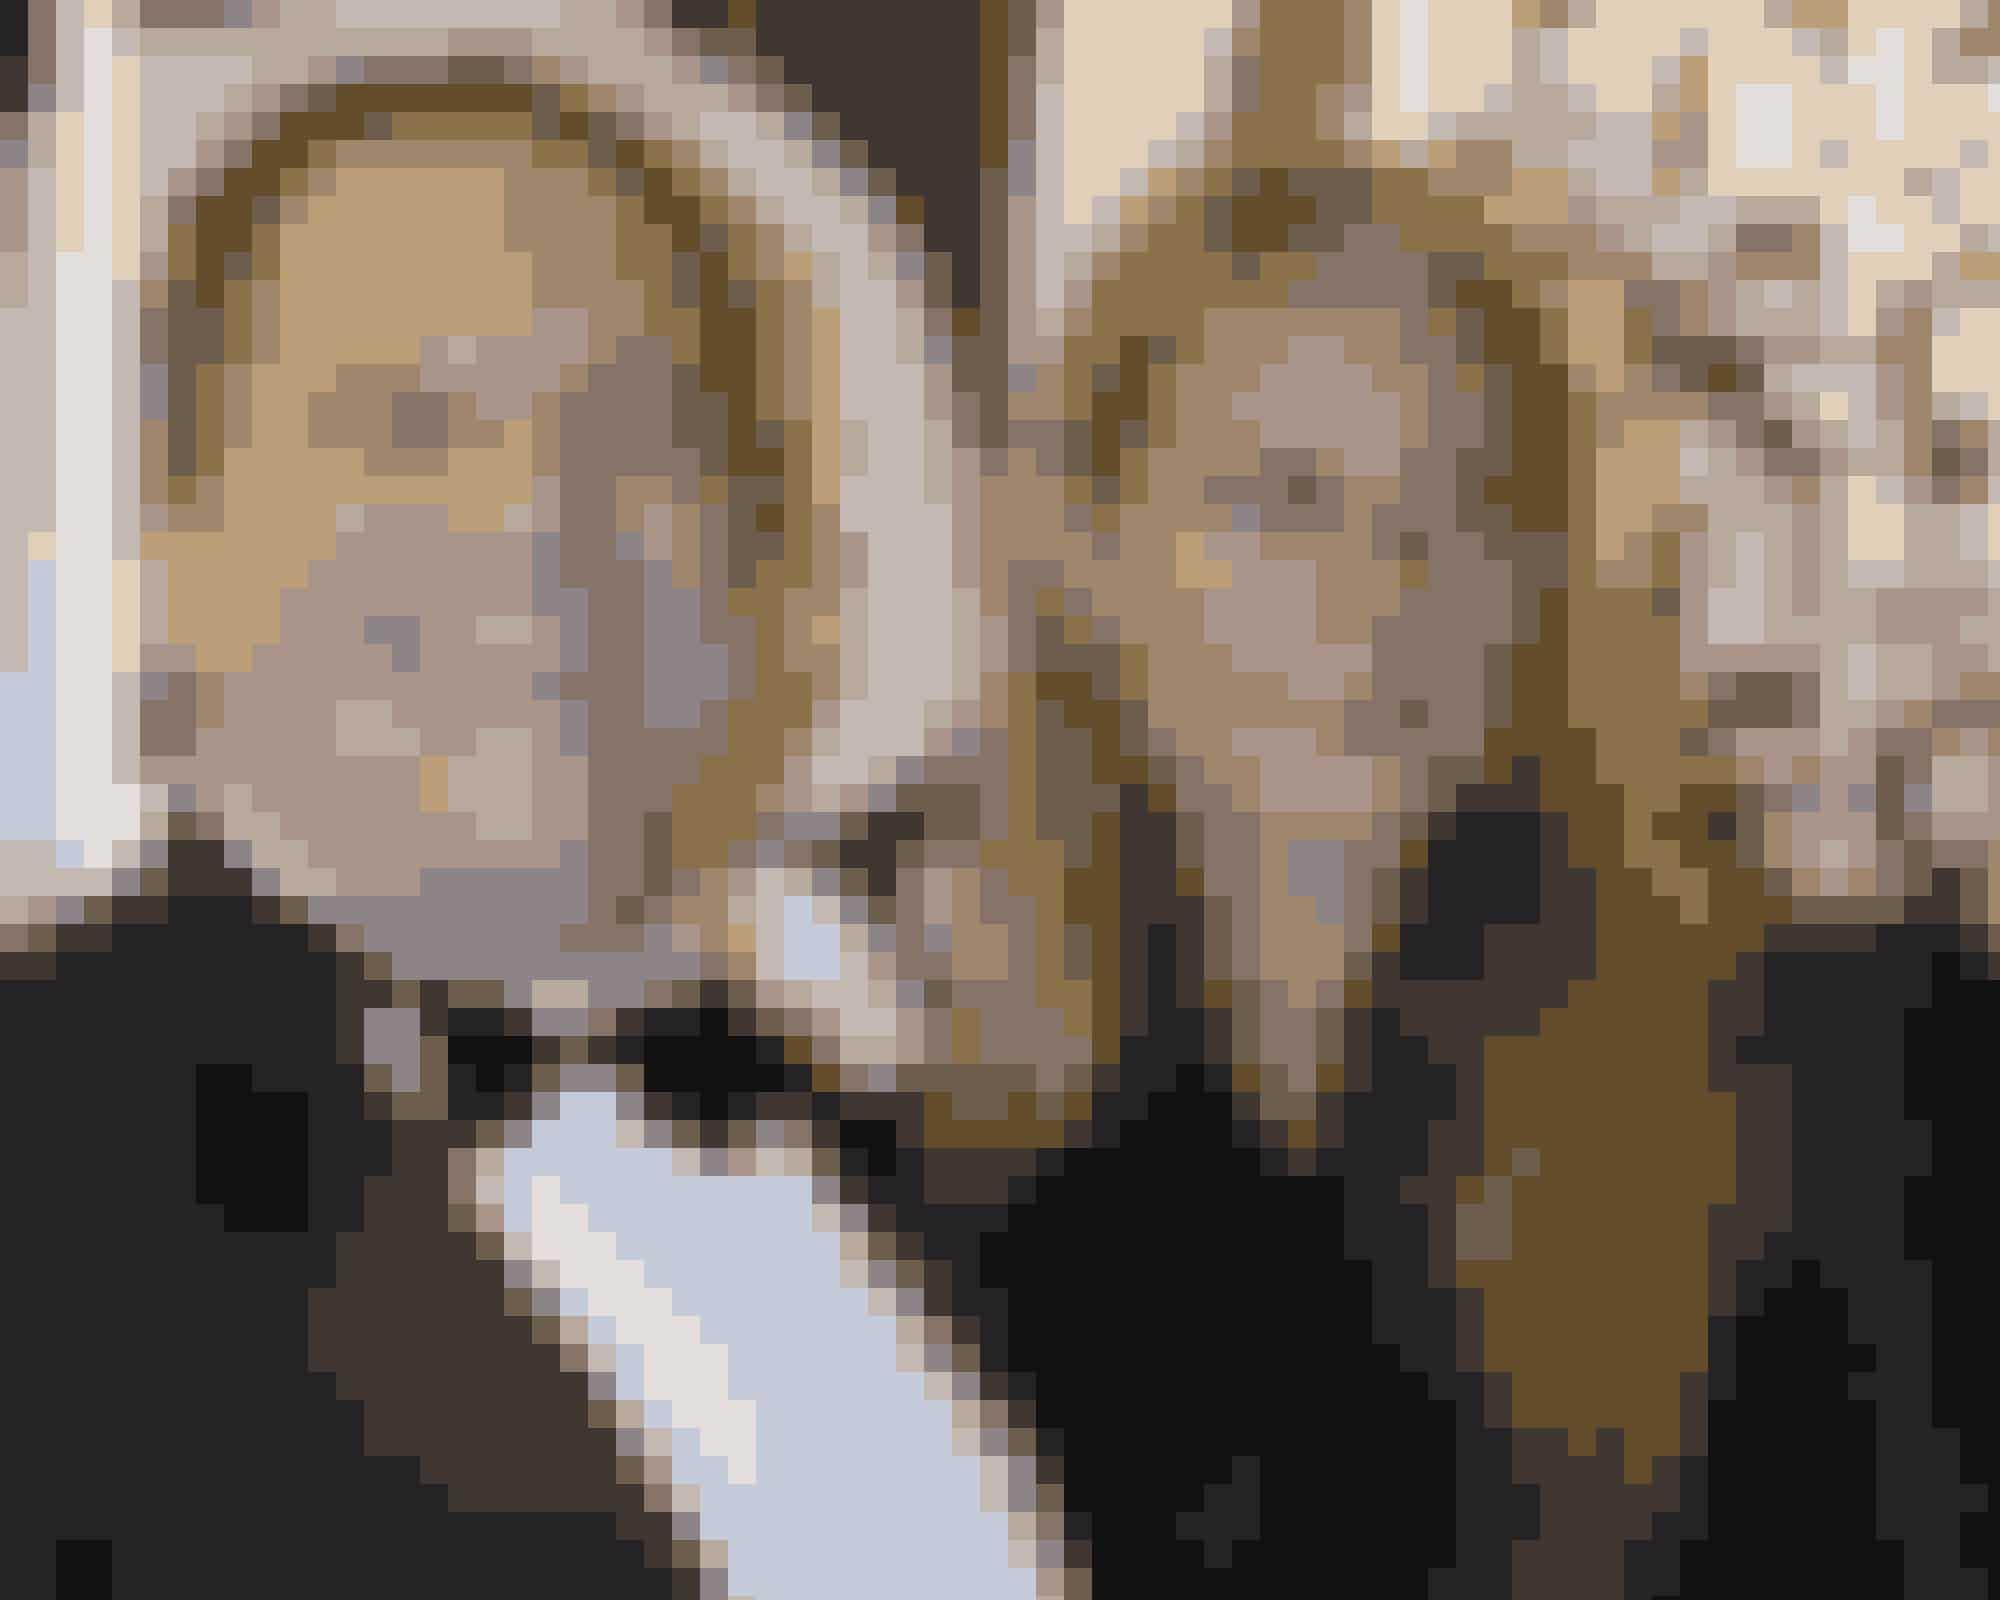 1. #metooEt jordskred. En lavine. Et øjeblik, der forvandler historien. Kvinderne, heriblandt skuespillerne Rose McGowan, Ashley Judd og Roseanna Arquette, fik skeletterne til at vælte ud af skabene, da de efter og årtiers fortielser og trusler fandt mod til at åbne munden og afsløre Harvey Weinsteins systematiske sexchikane, overgreb og magtmisbrug. Og Hollywood-superproduceren var ikke den eneste, der faldt med et brag. Andre magtmænd i filmbyen er også blevet udstillet og udstødt, og der er ikke noget, der tyder på, at bevægelsen har hverken toppet eller nærmer sig sin afslutning. Skuespilleren Alyssa Milano var kvinden, der lancerede hashtagget 'metoo', som åbenbarede, at sexchikane langtfra kun er et fænomen i skuespilkredse i USA, men findes overalt på kloden og i alle brancher.